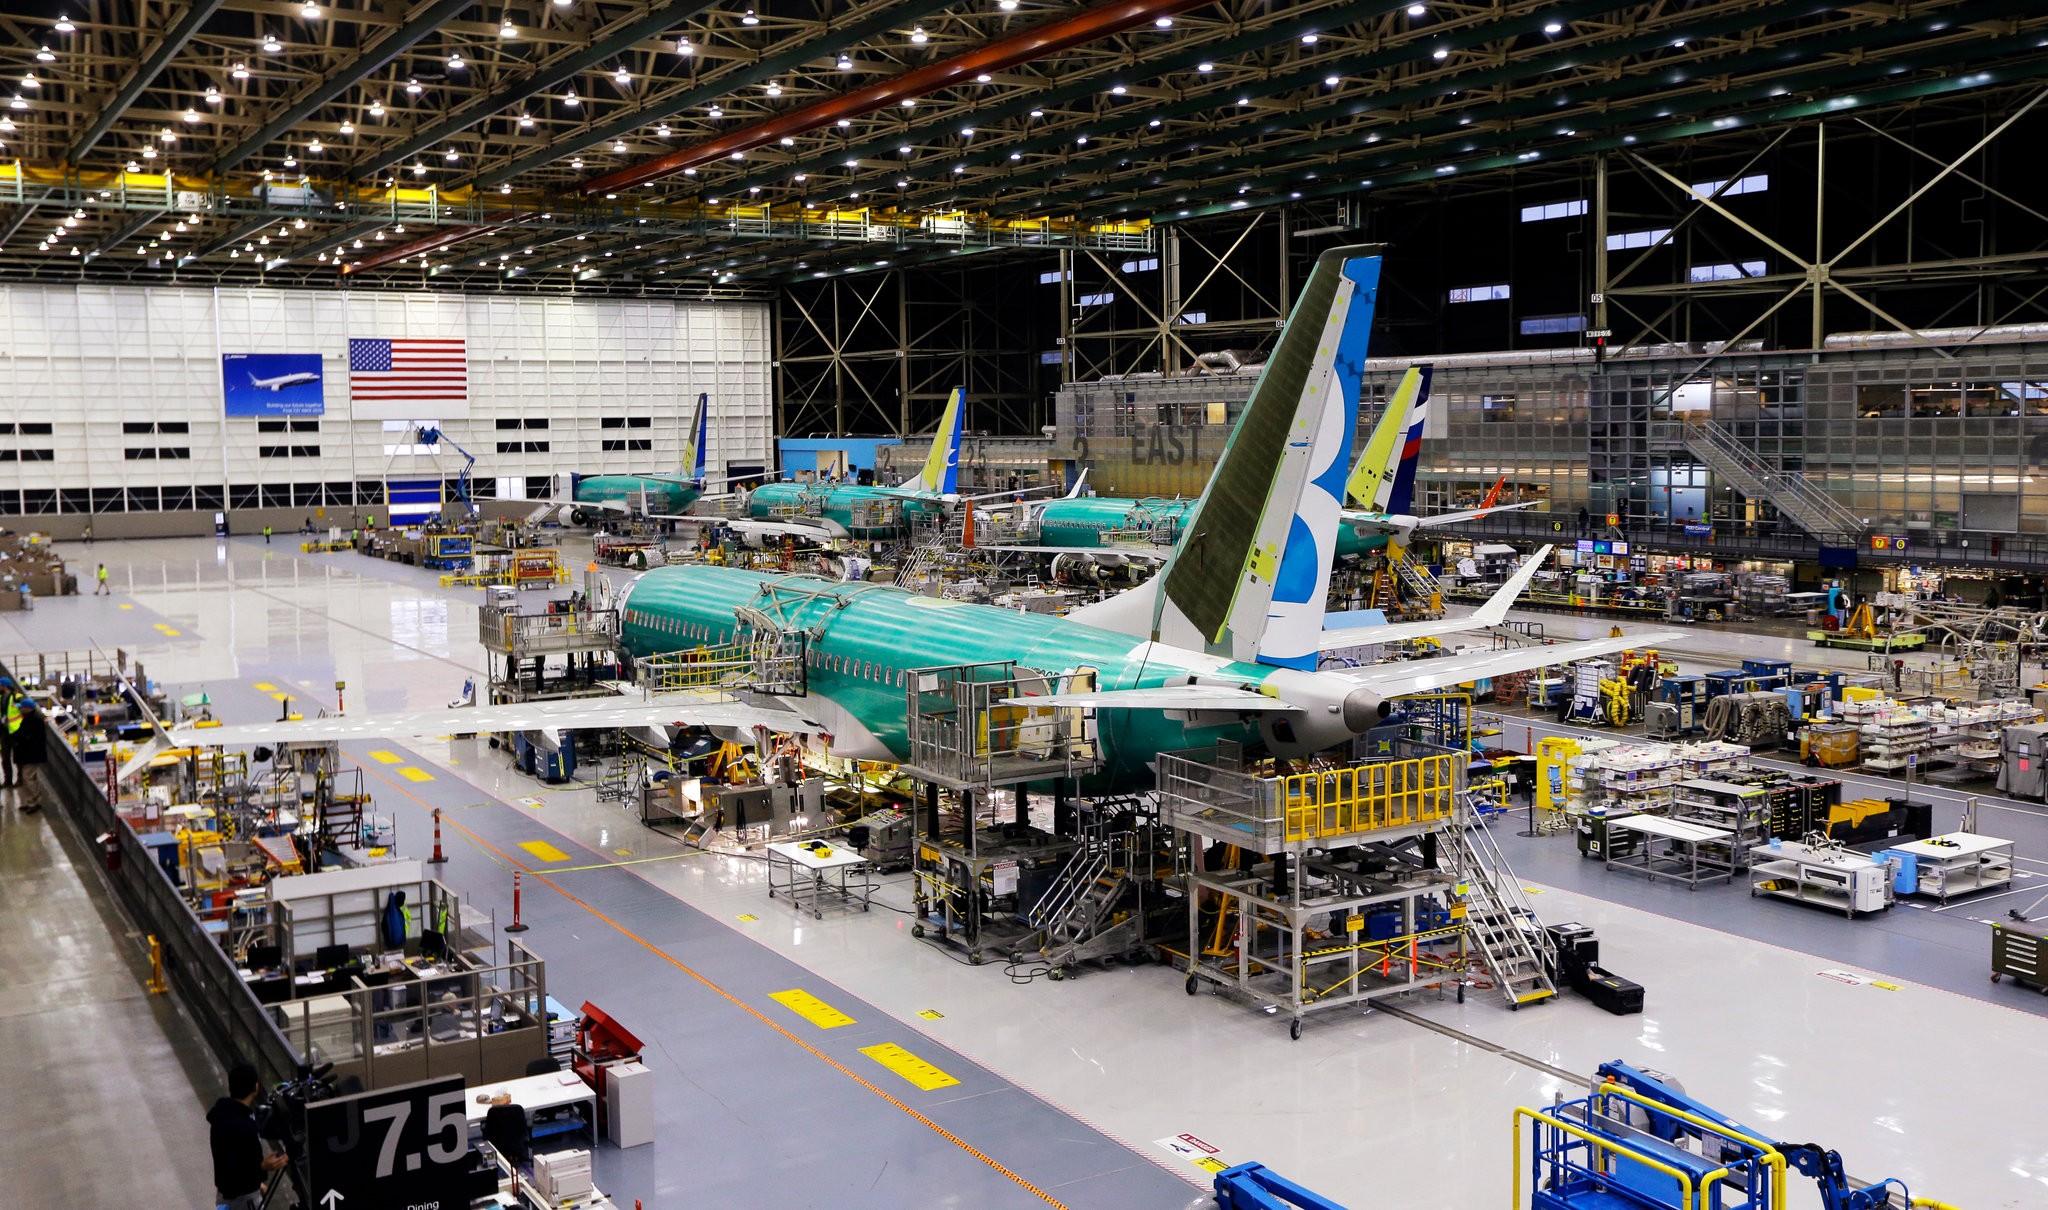 Un de los aviones Max más recientes en 2015 durante el desarrollo del modelo, un equipo produjo simultáneamente 16 diseños en una semana, el doble que la cantidad, dijo un empleado de diseño de Boeing (Foto: AP)